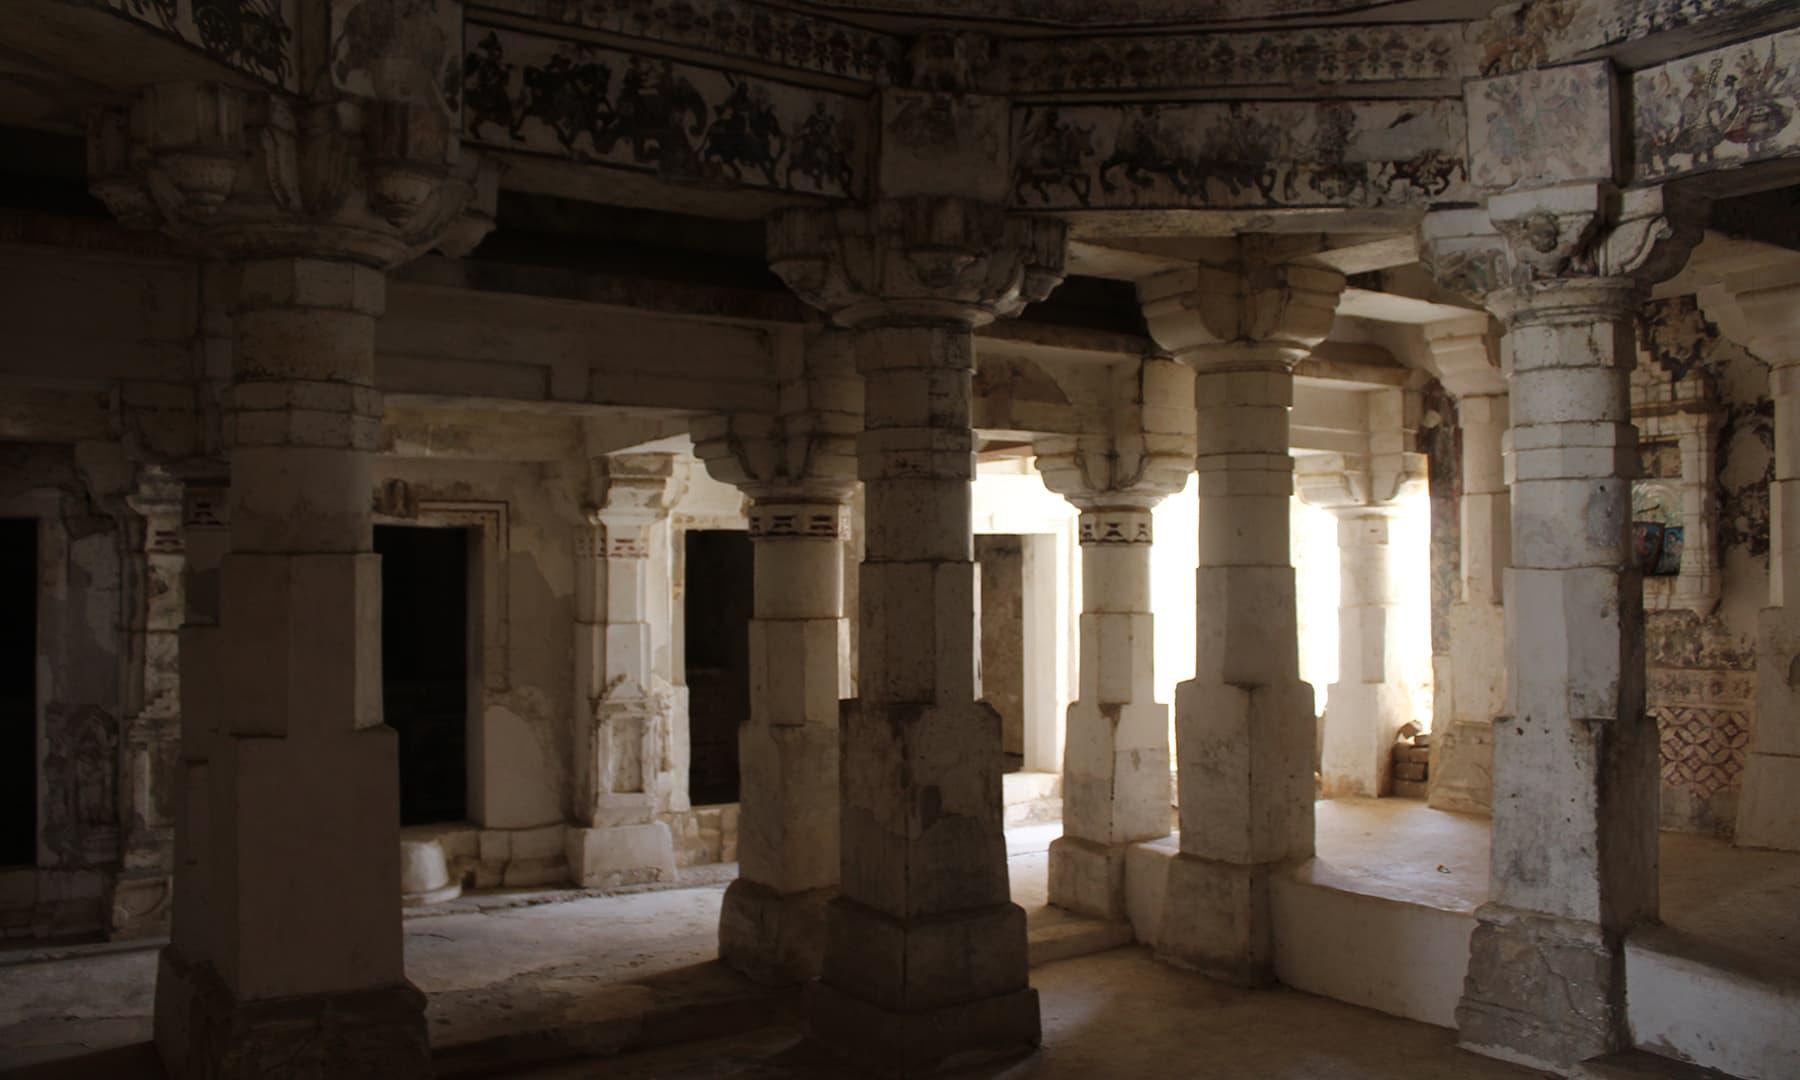 گوڑی مندر کا اندرونی حصہ—تصویر اختر حفیظ